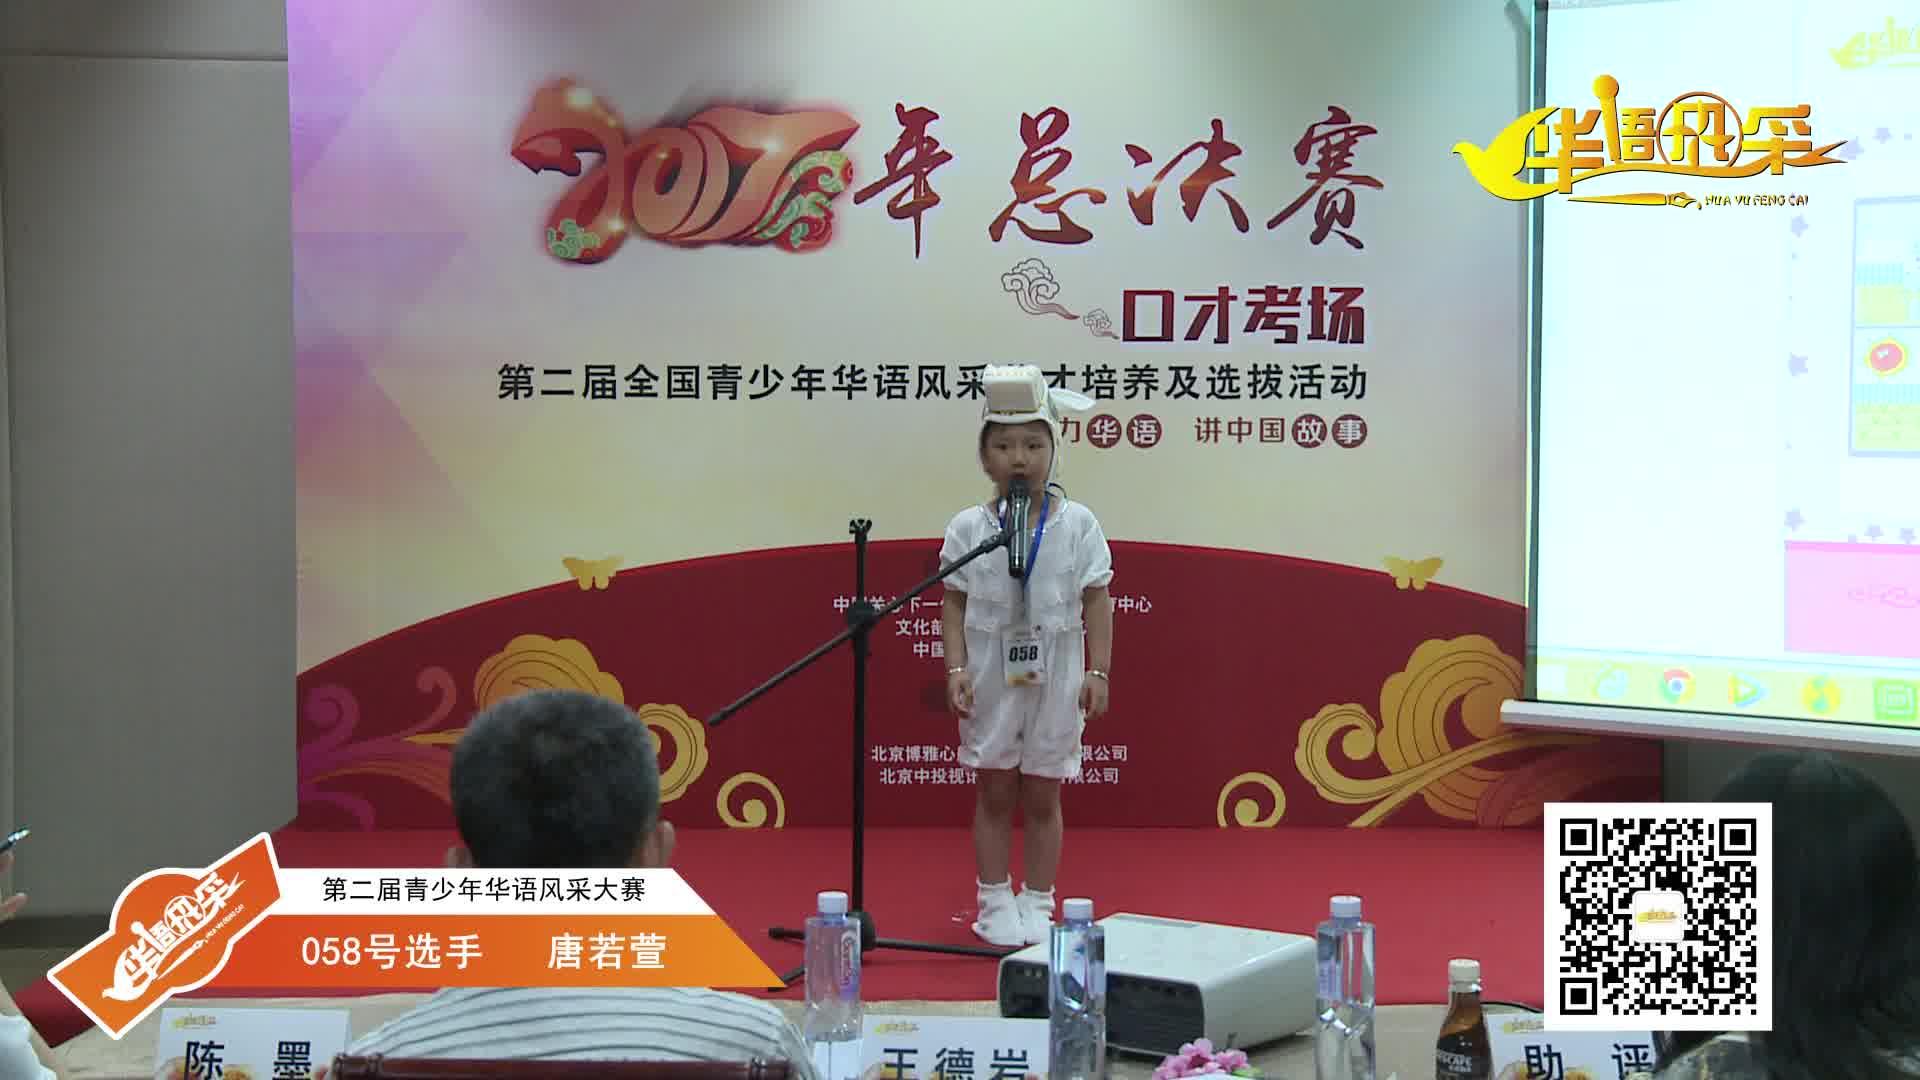 058号选手:唐若萱